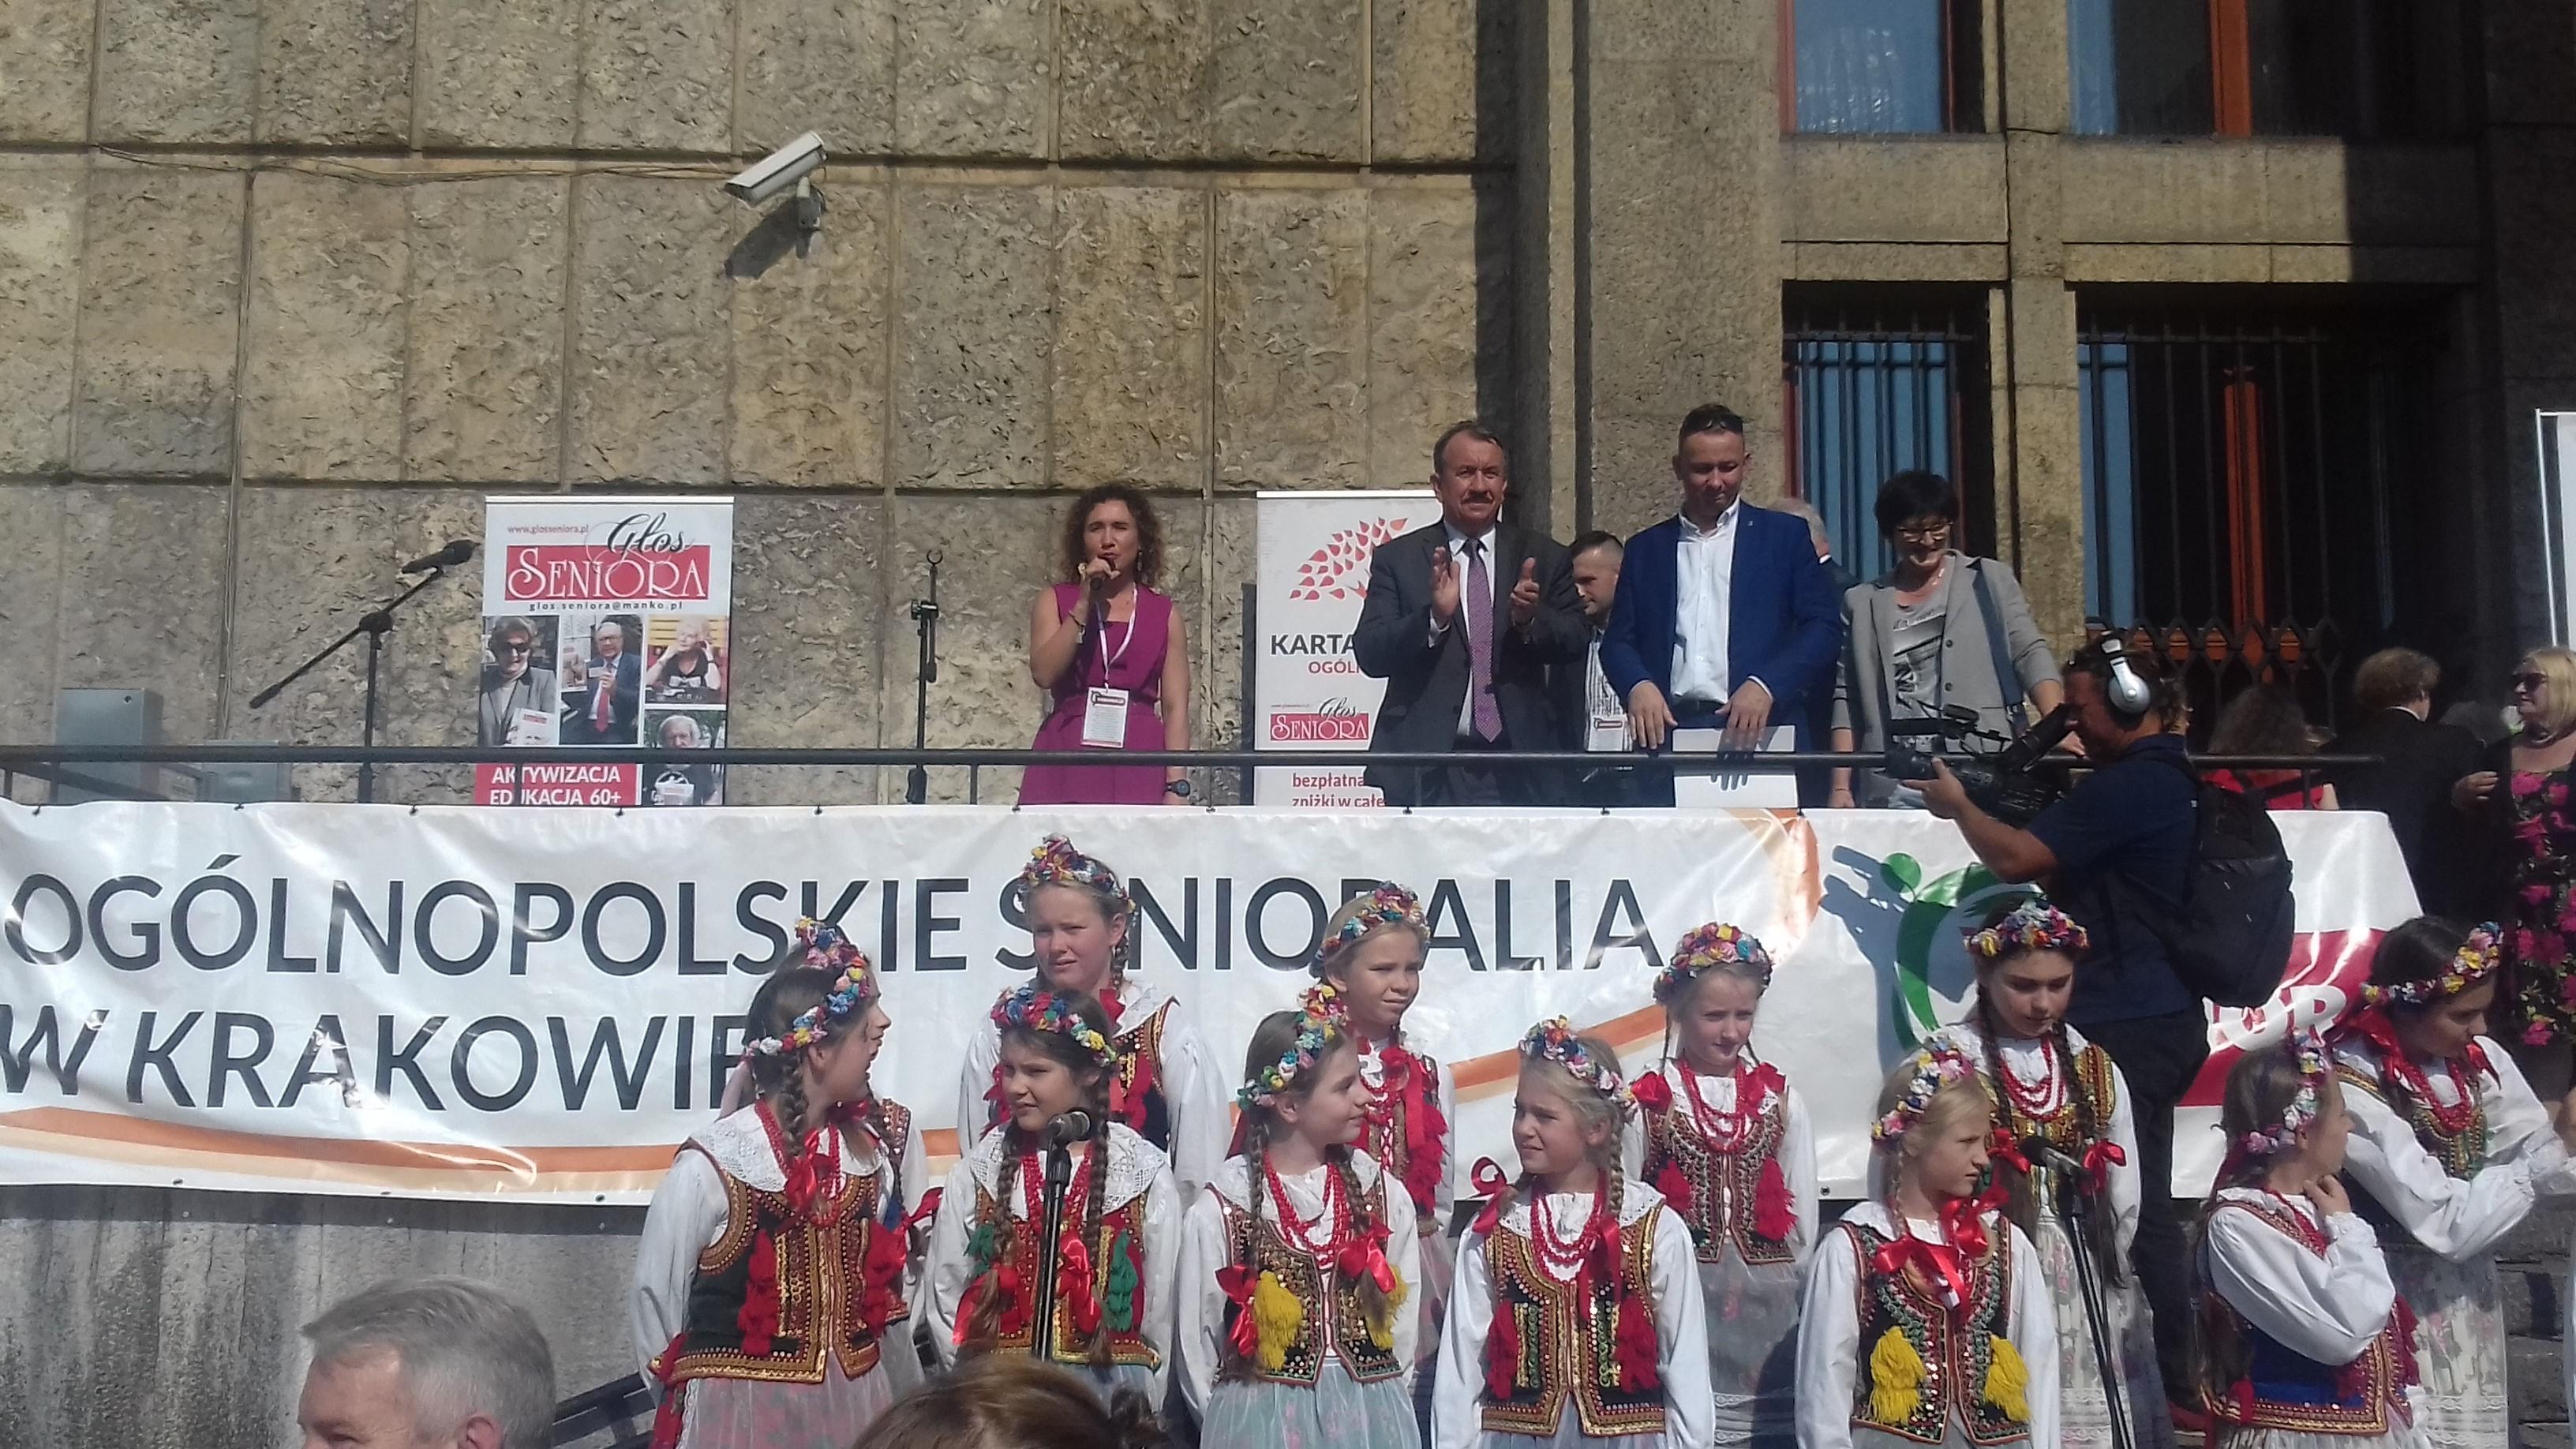 Zdjęcie grupy dziewczynek ubranych w stroje krakowskie, w tle napis Ogólnopolskie Senioralia w Krakowie.